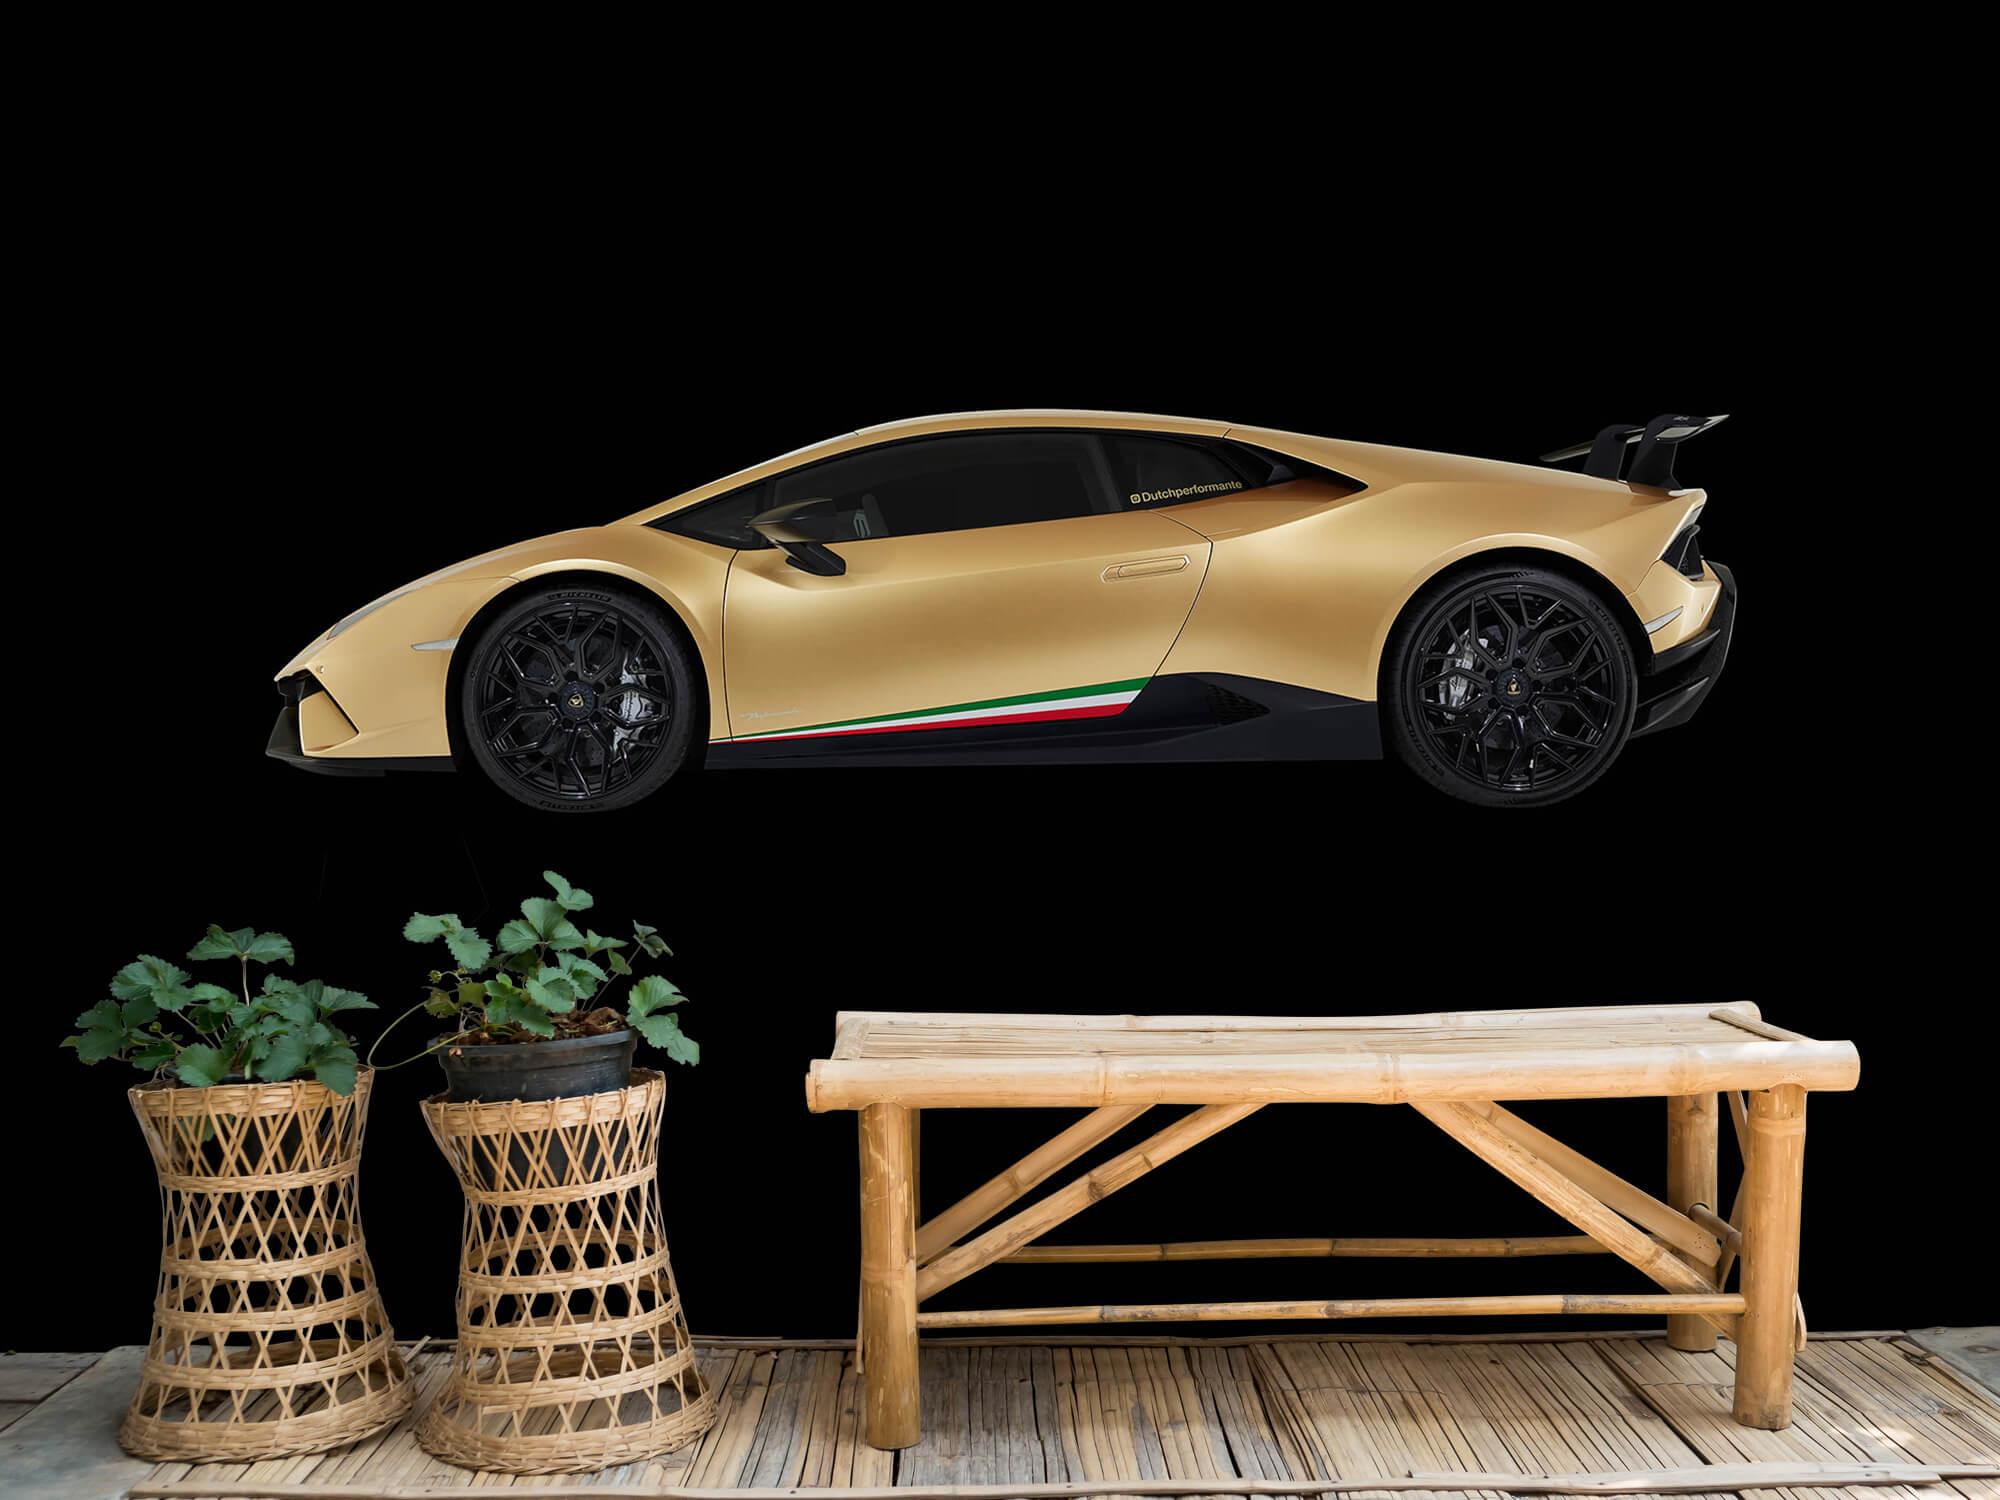 Wallpaper Lamborghini Huracán - Sida, svart 10